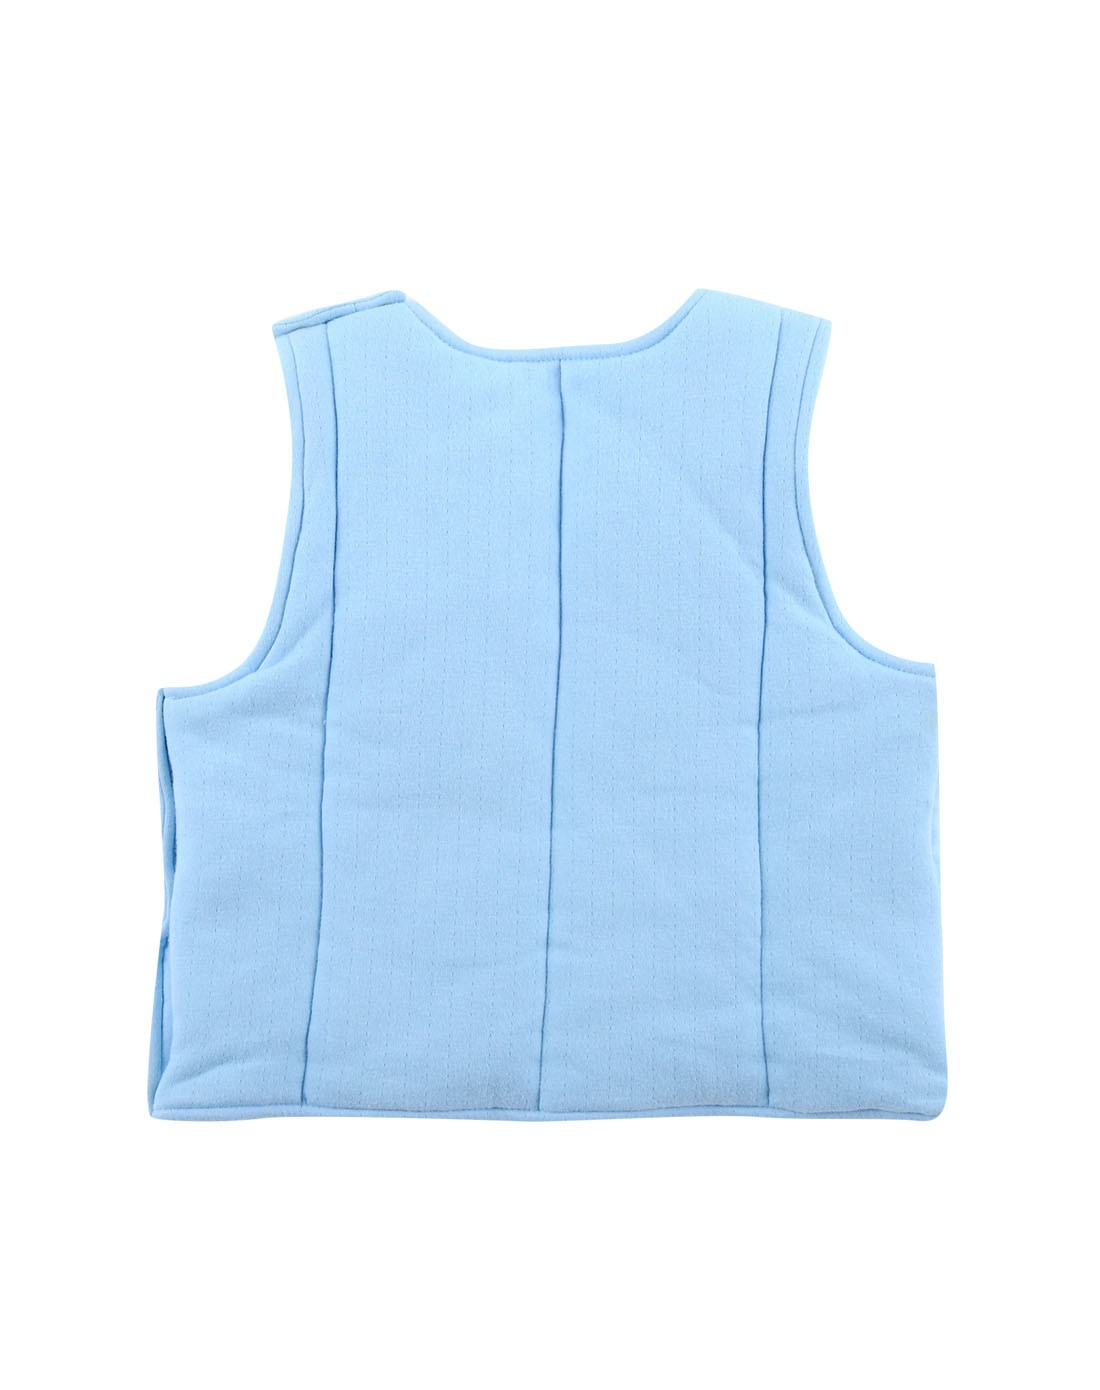 棉花熊婴儿针织纯棉背心 蓝色